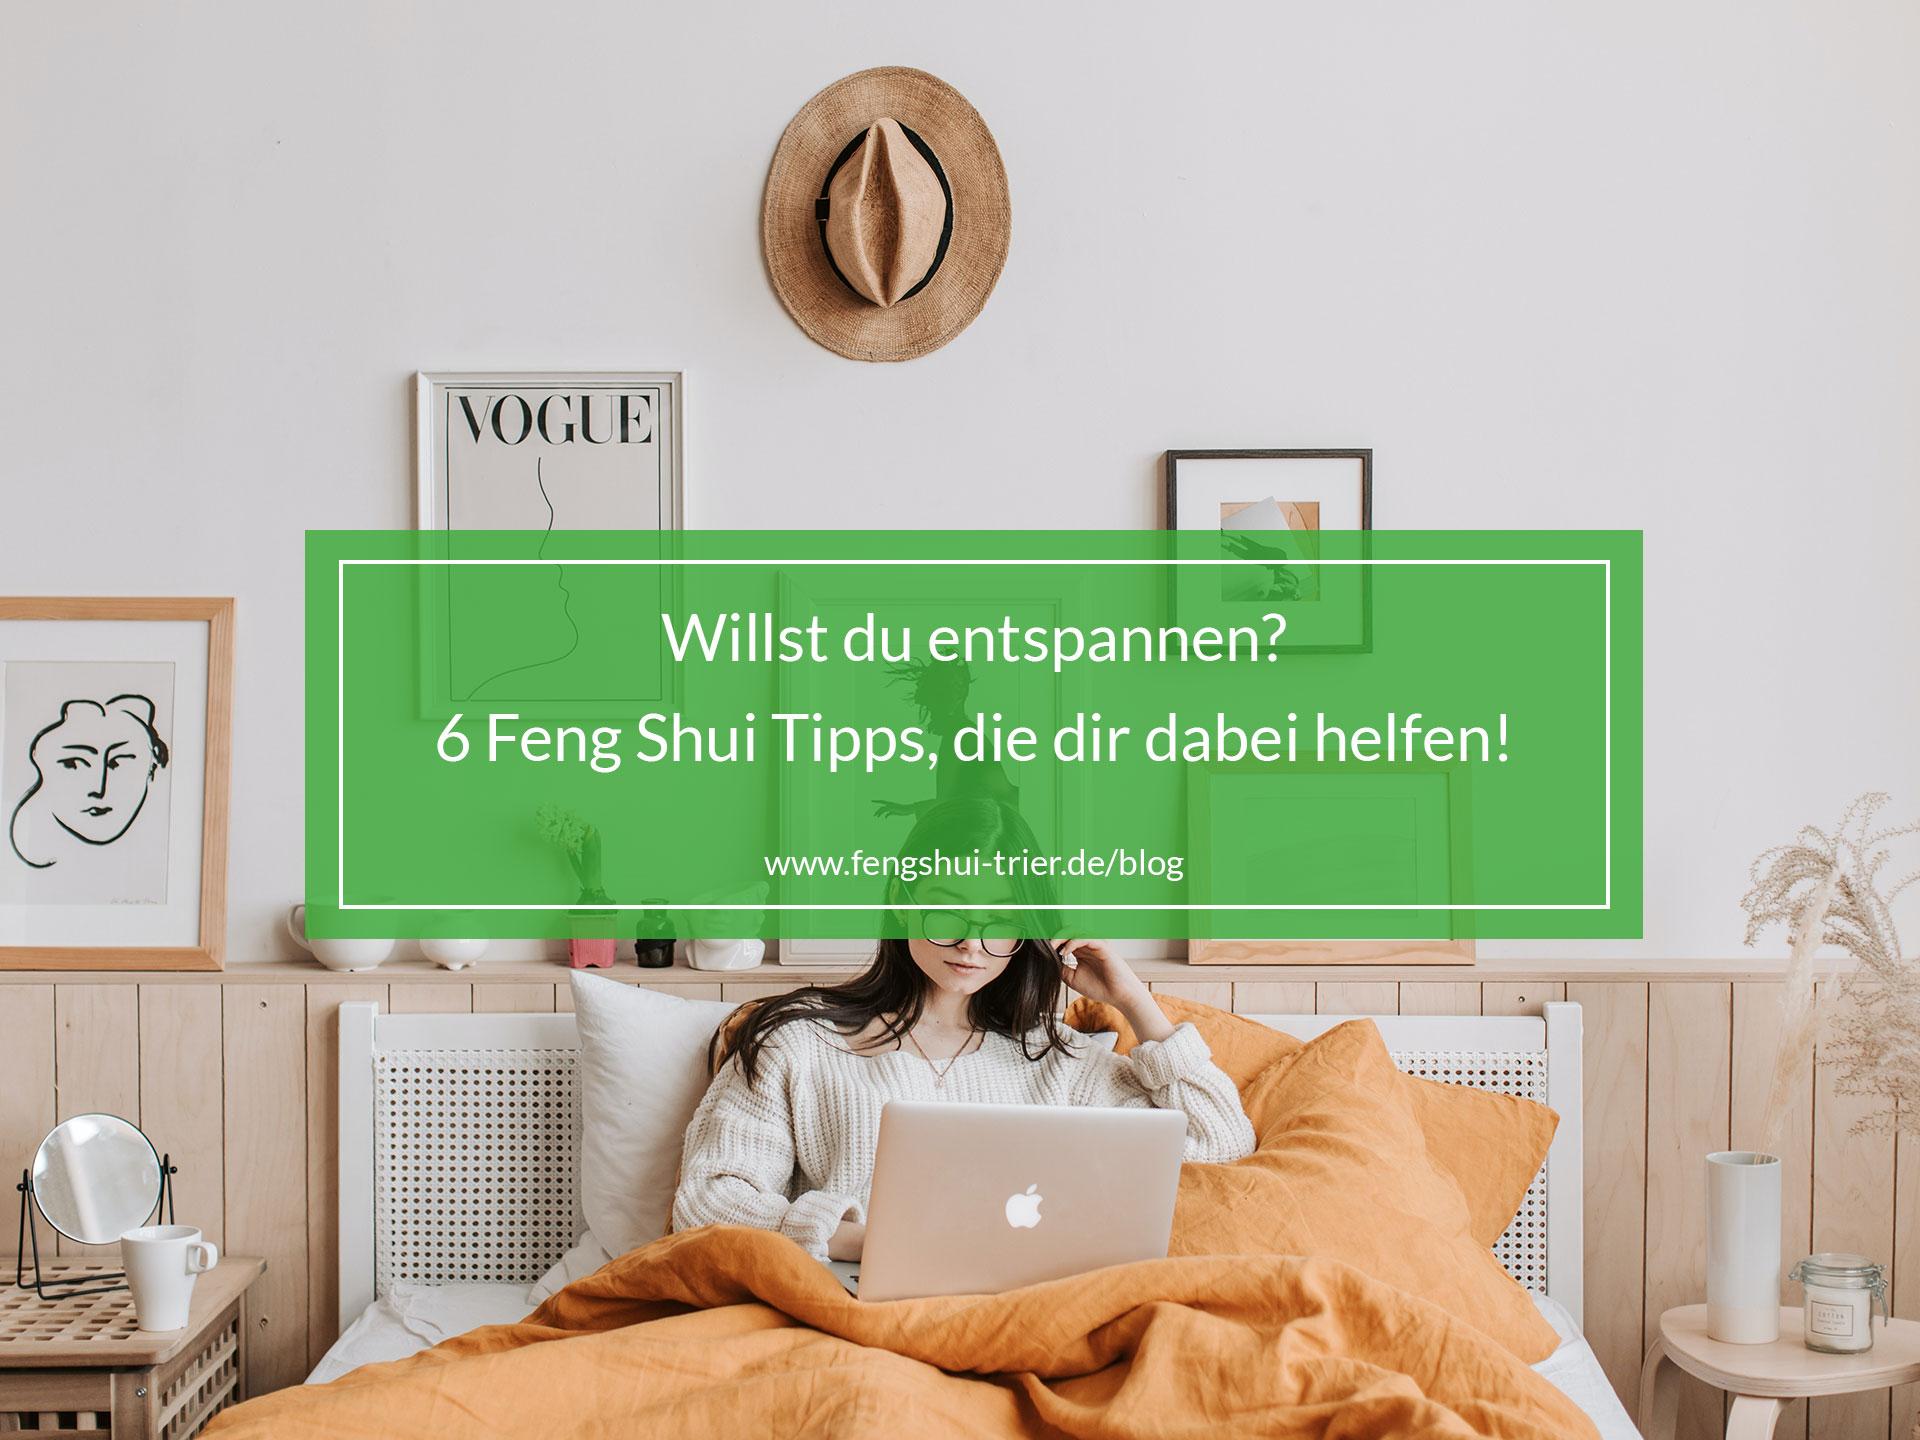 Willst du entspannen? 6 Feng Shui Tipps, die dir dabei helfen!